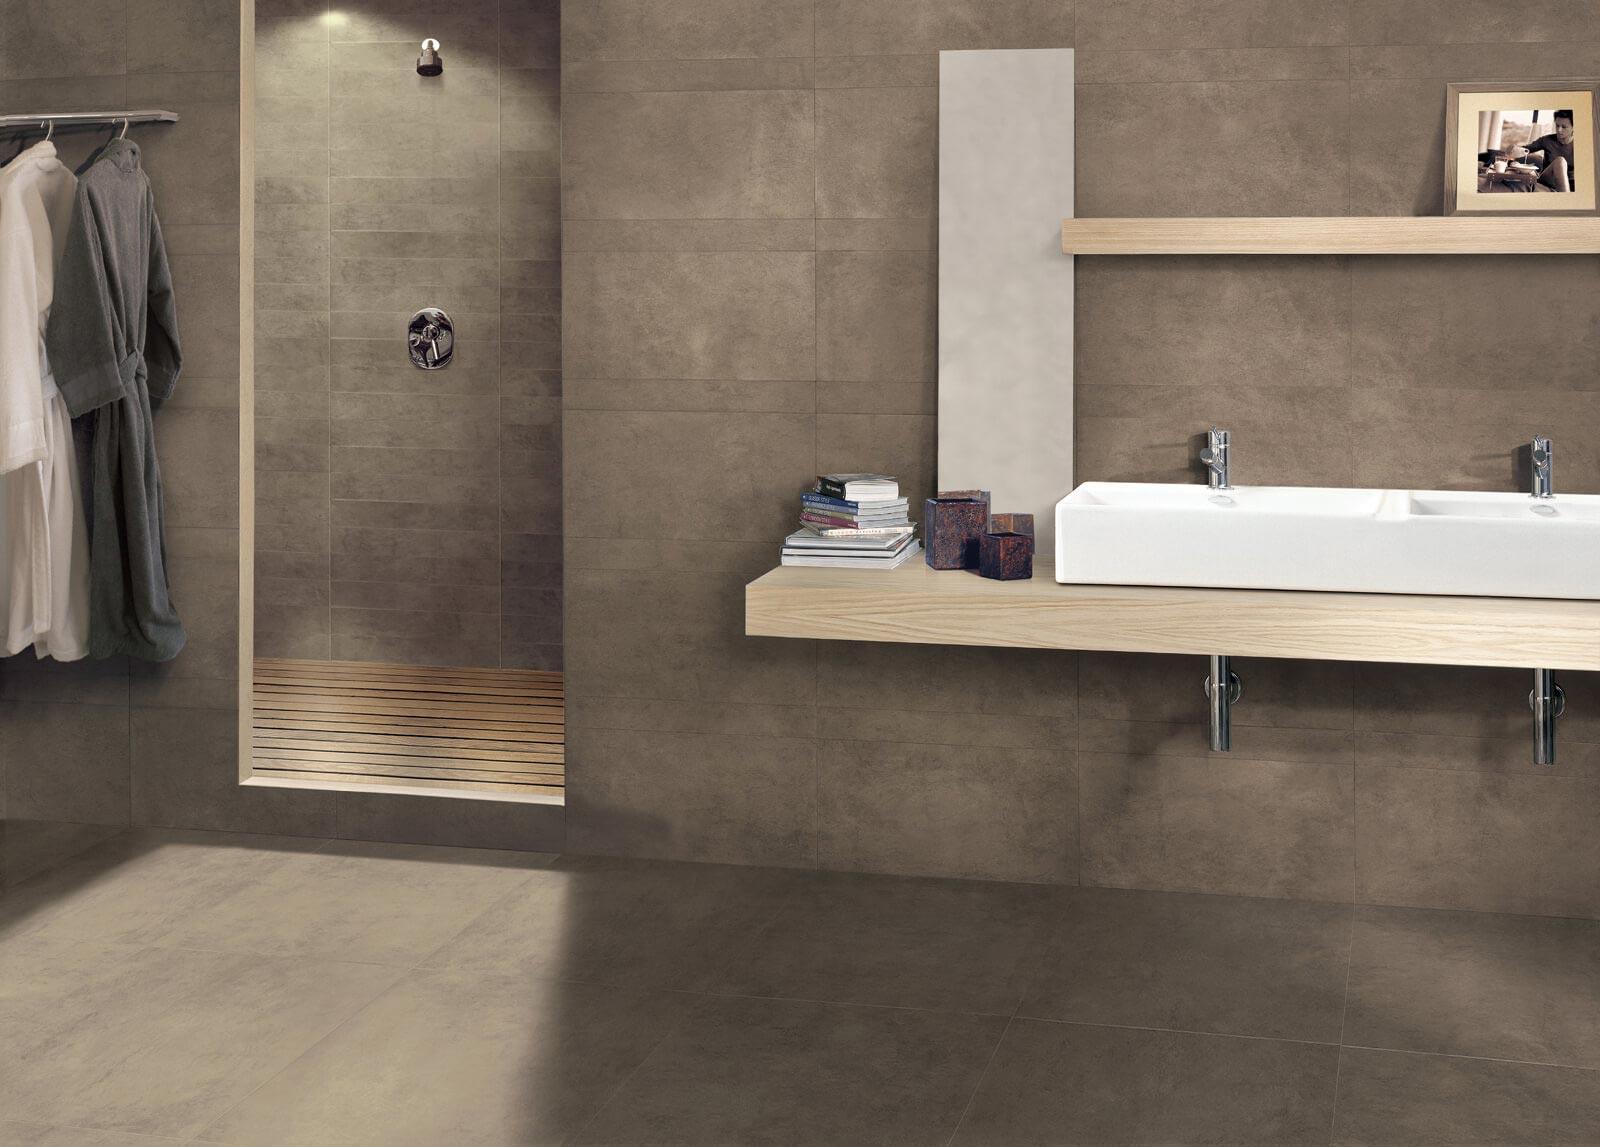 лаппатированный керамический гранит керама марацци для ванной